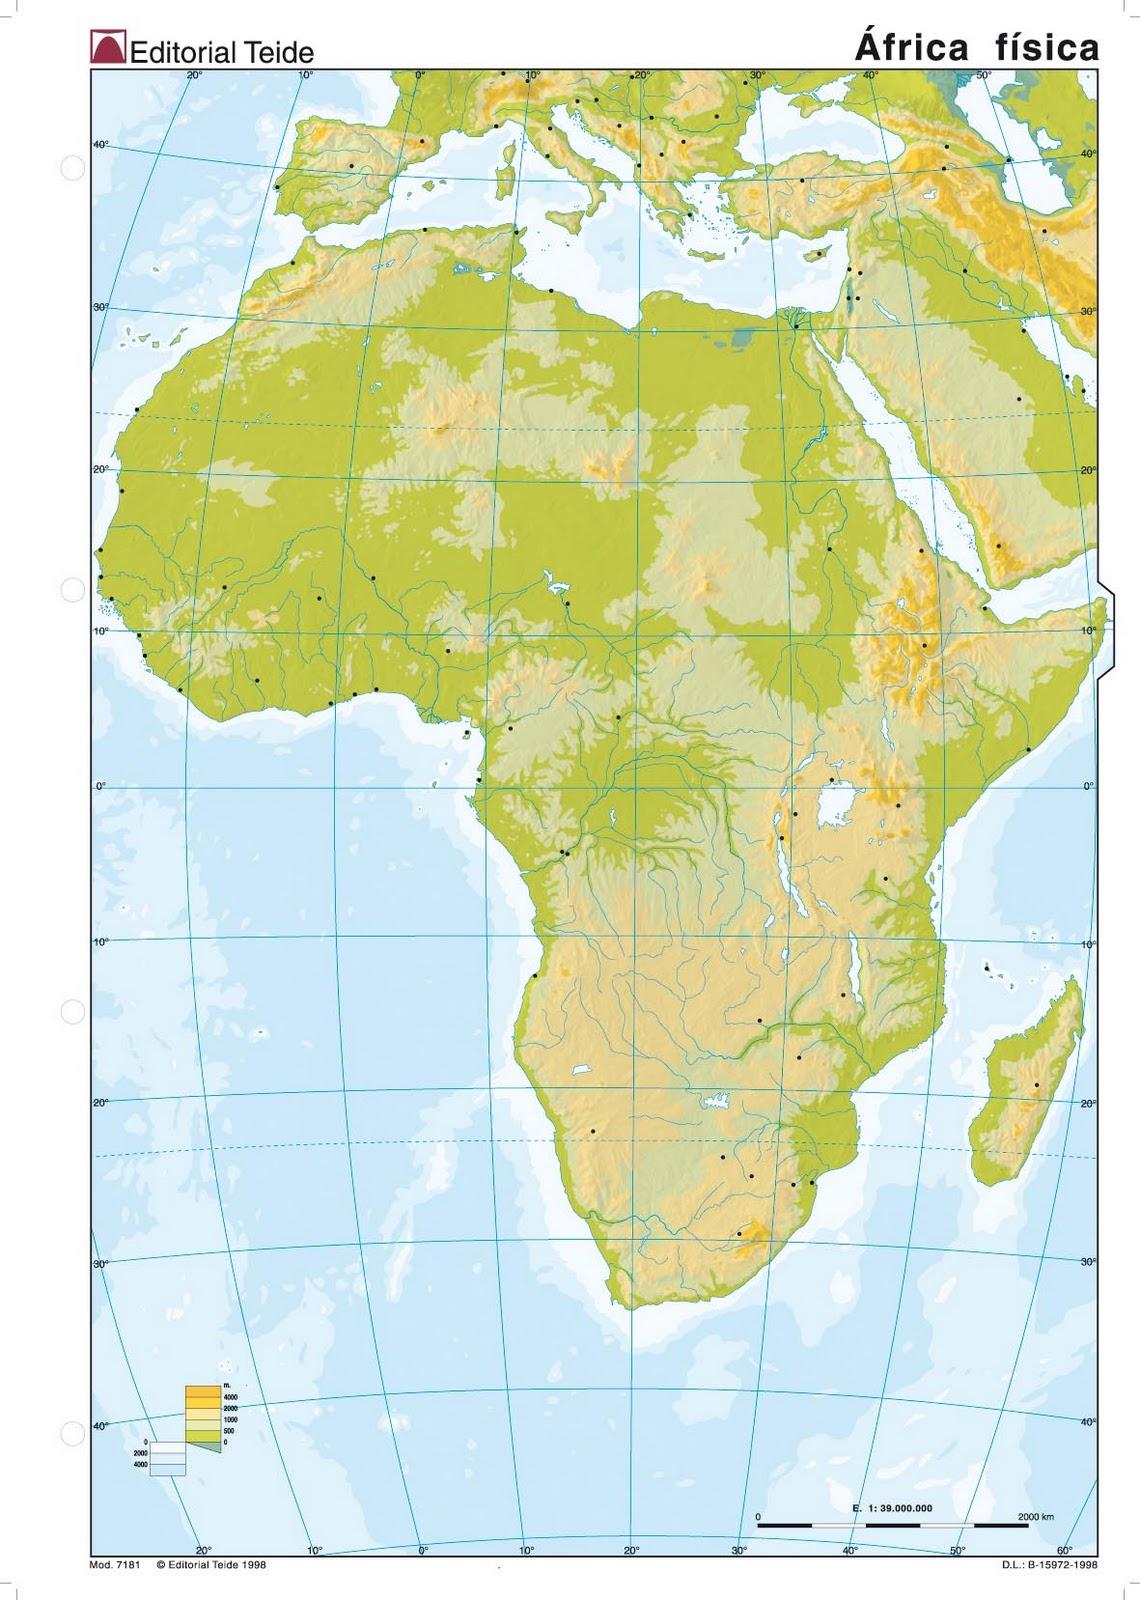 Africa Mapa Politico Mudo.Mapa Fisico Mudo De Africa Para Imprimir En A4 Mapa